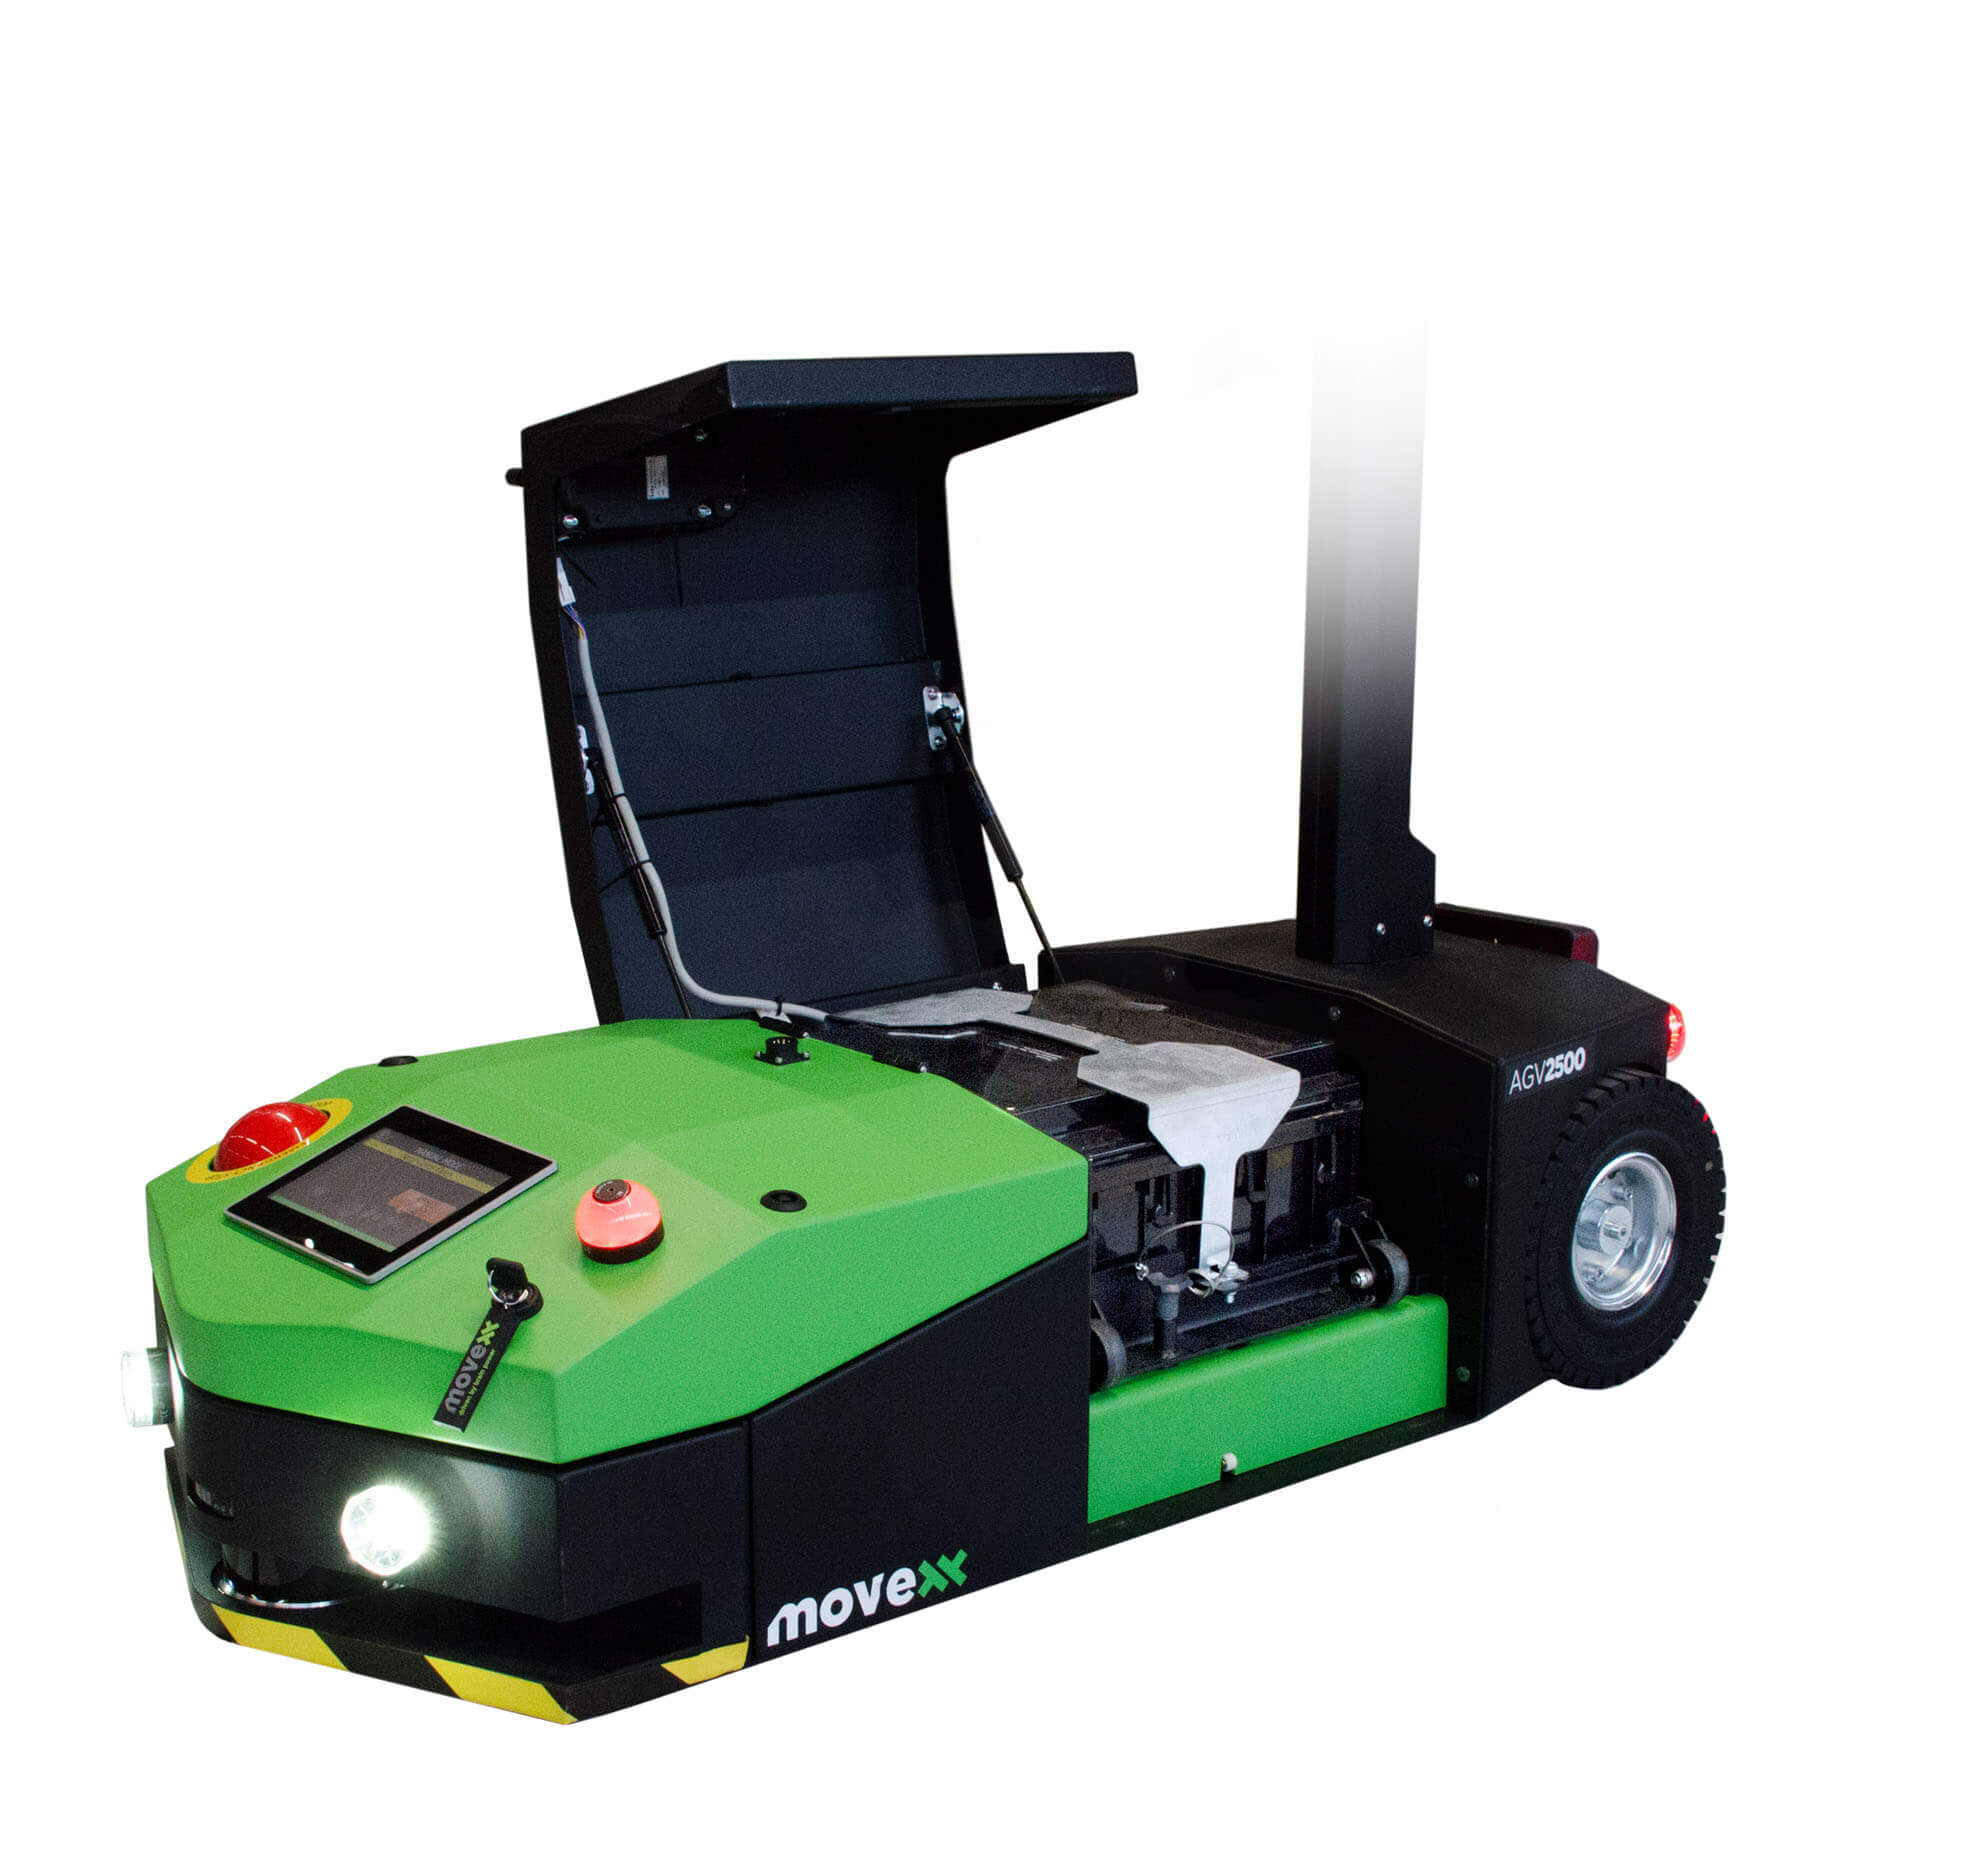 elektrický automaticky vedený tahač agv2500 s otevřeným krytem pro výměnu baterie